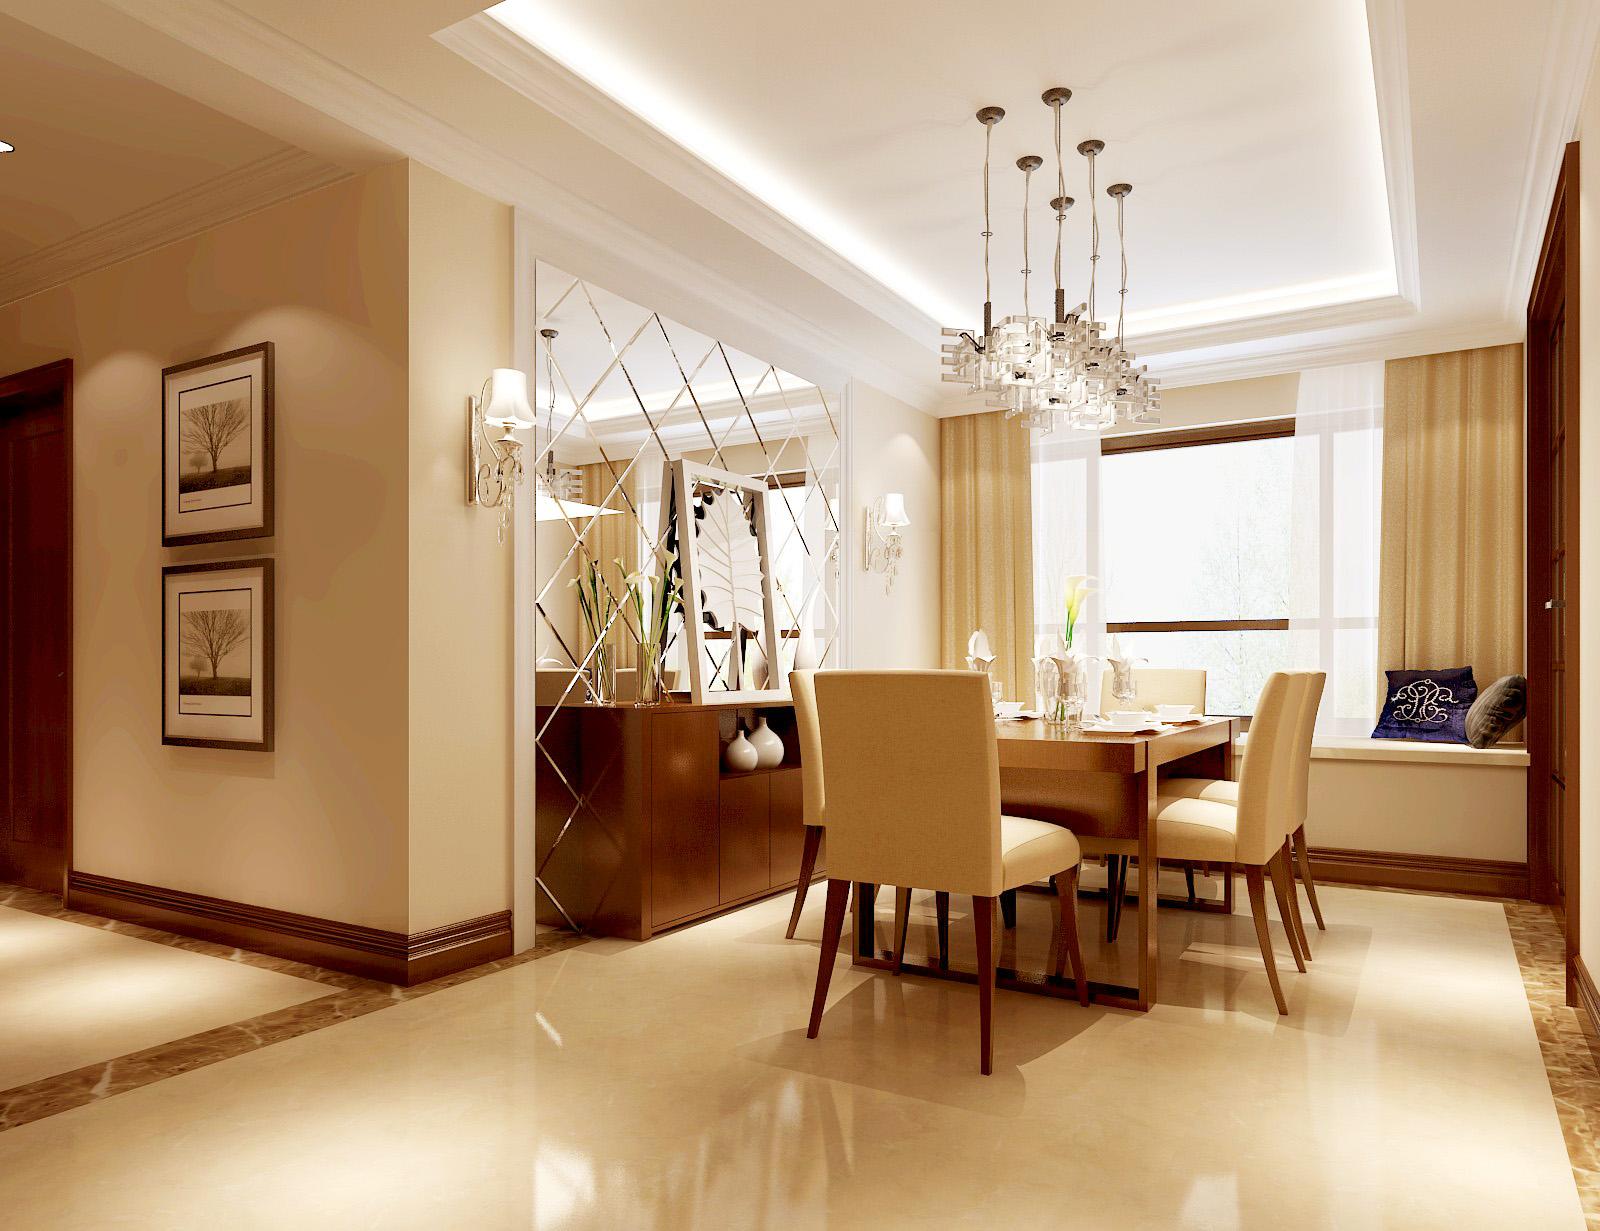 香悦四季 高度国际 欧式 简约 别墅 公寓 平层 白领 小资 餐厅图片来自北京高度国际装饰设计在香悦四季简欧风格平层公寓的分享